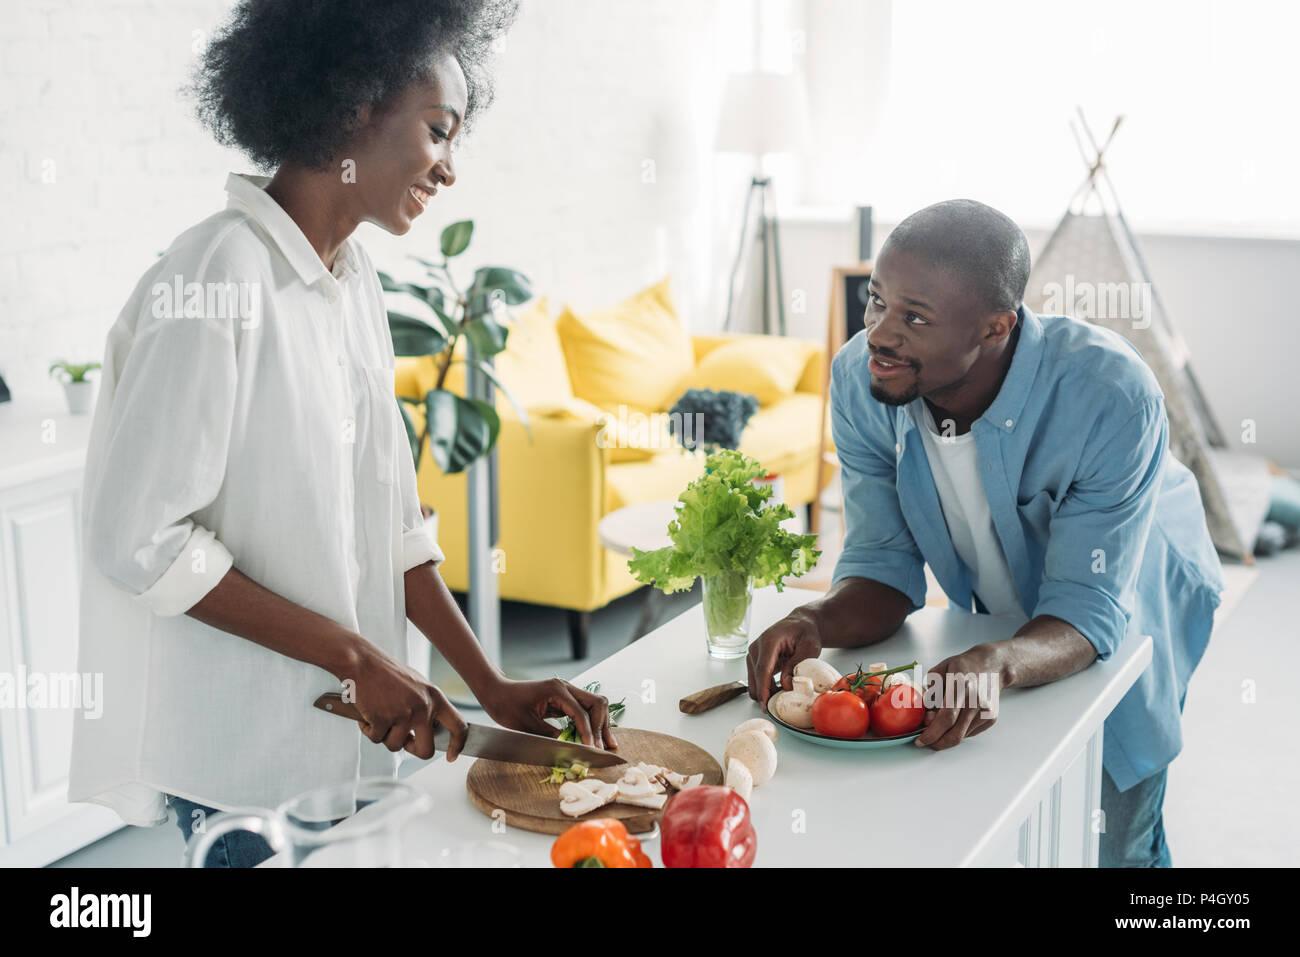 Afrikanische amerikanische Mann an Frau kochen Frühstück in der Küche zu Hause suchen Stockbild